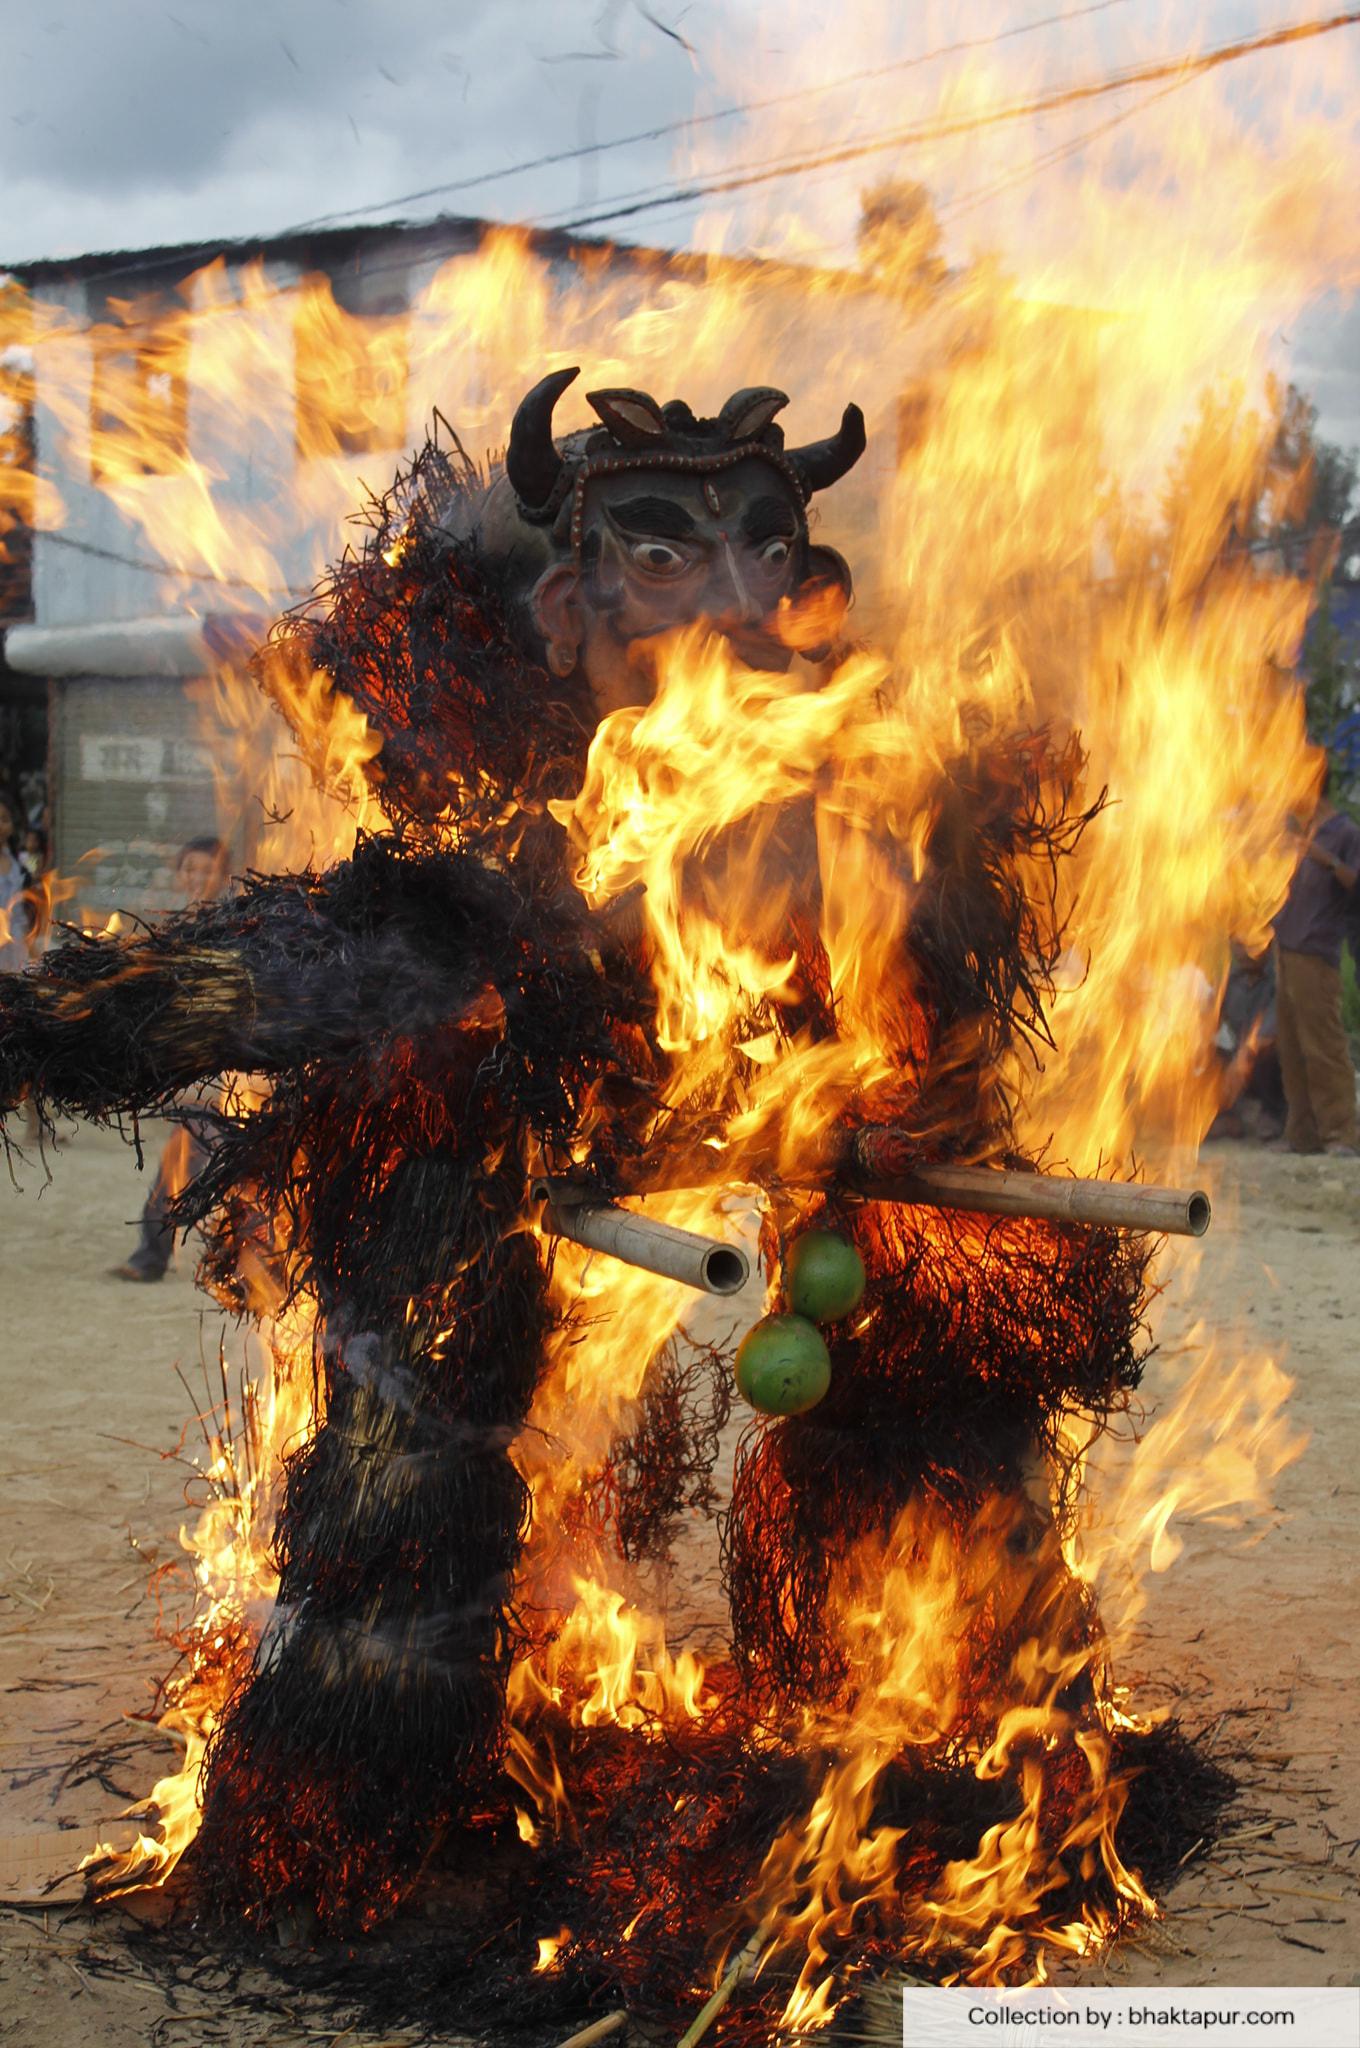 Ghathamangal Burning image